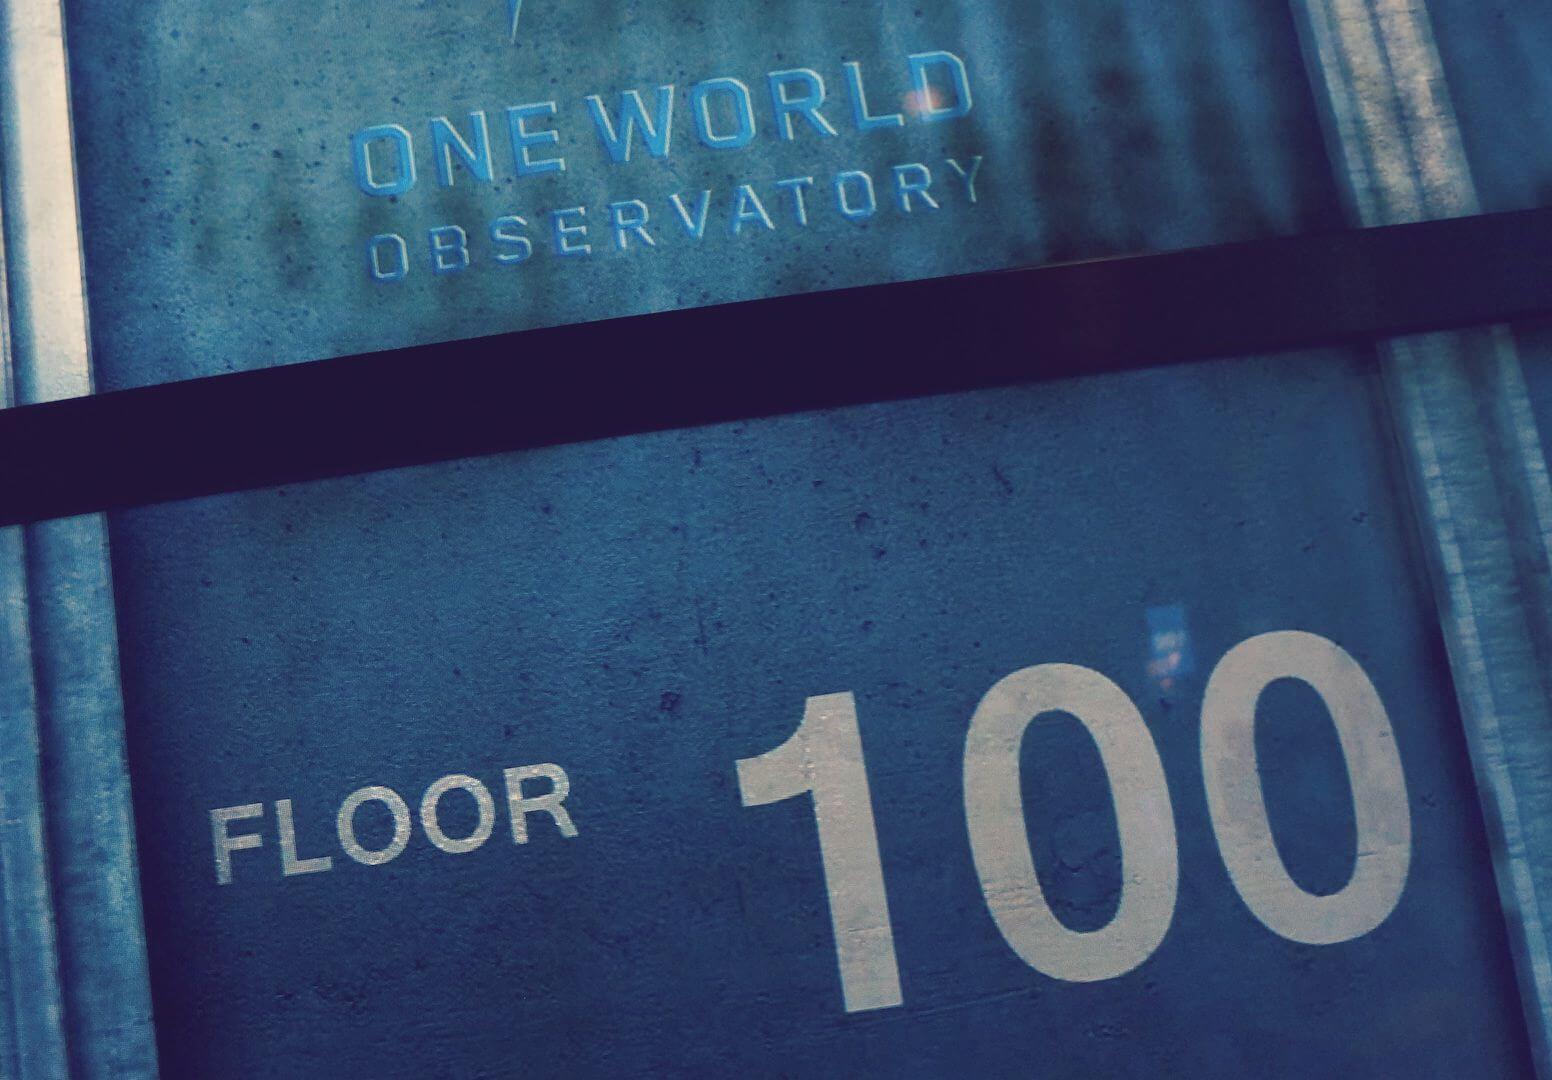 floor 100 wtc